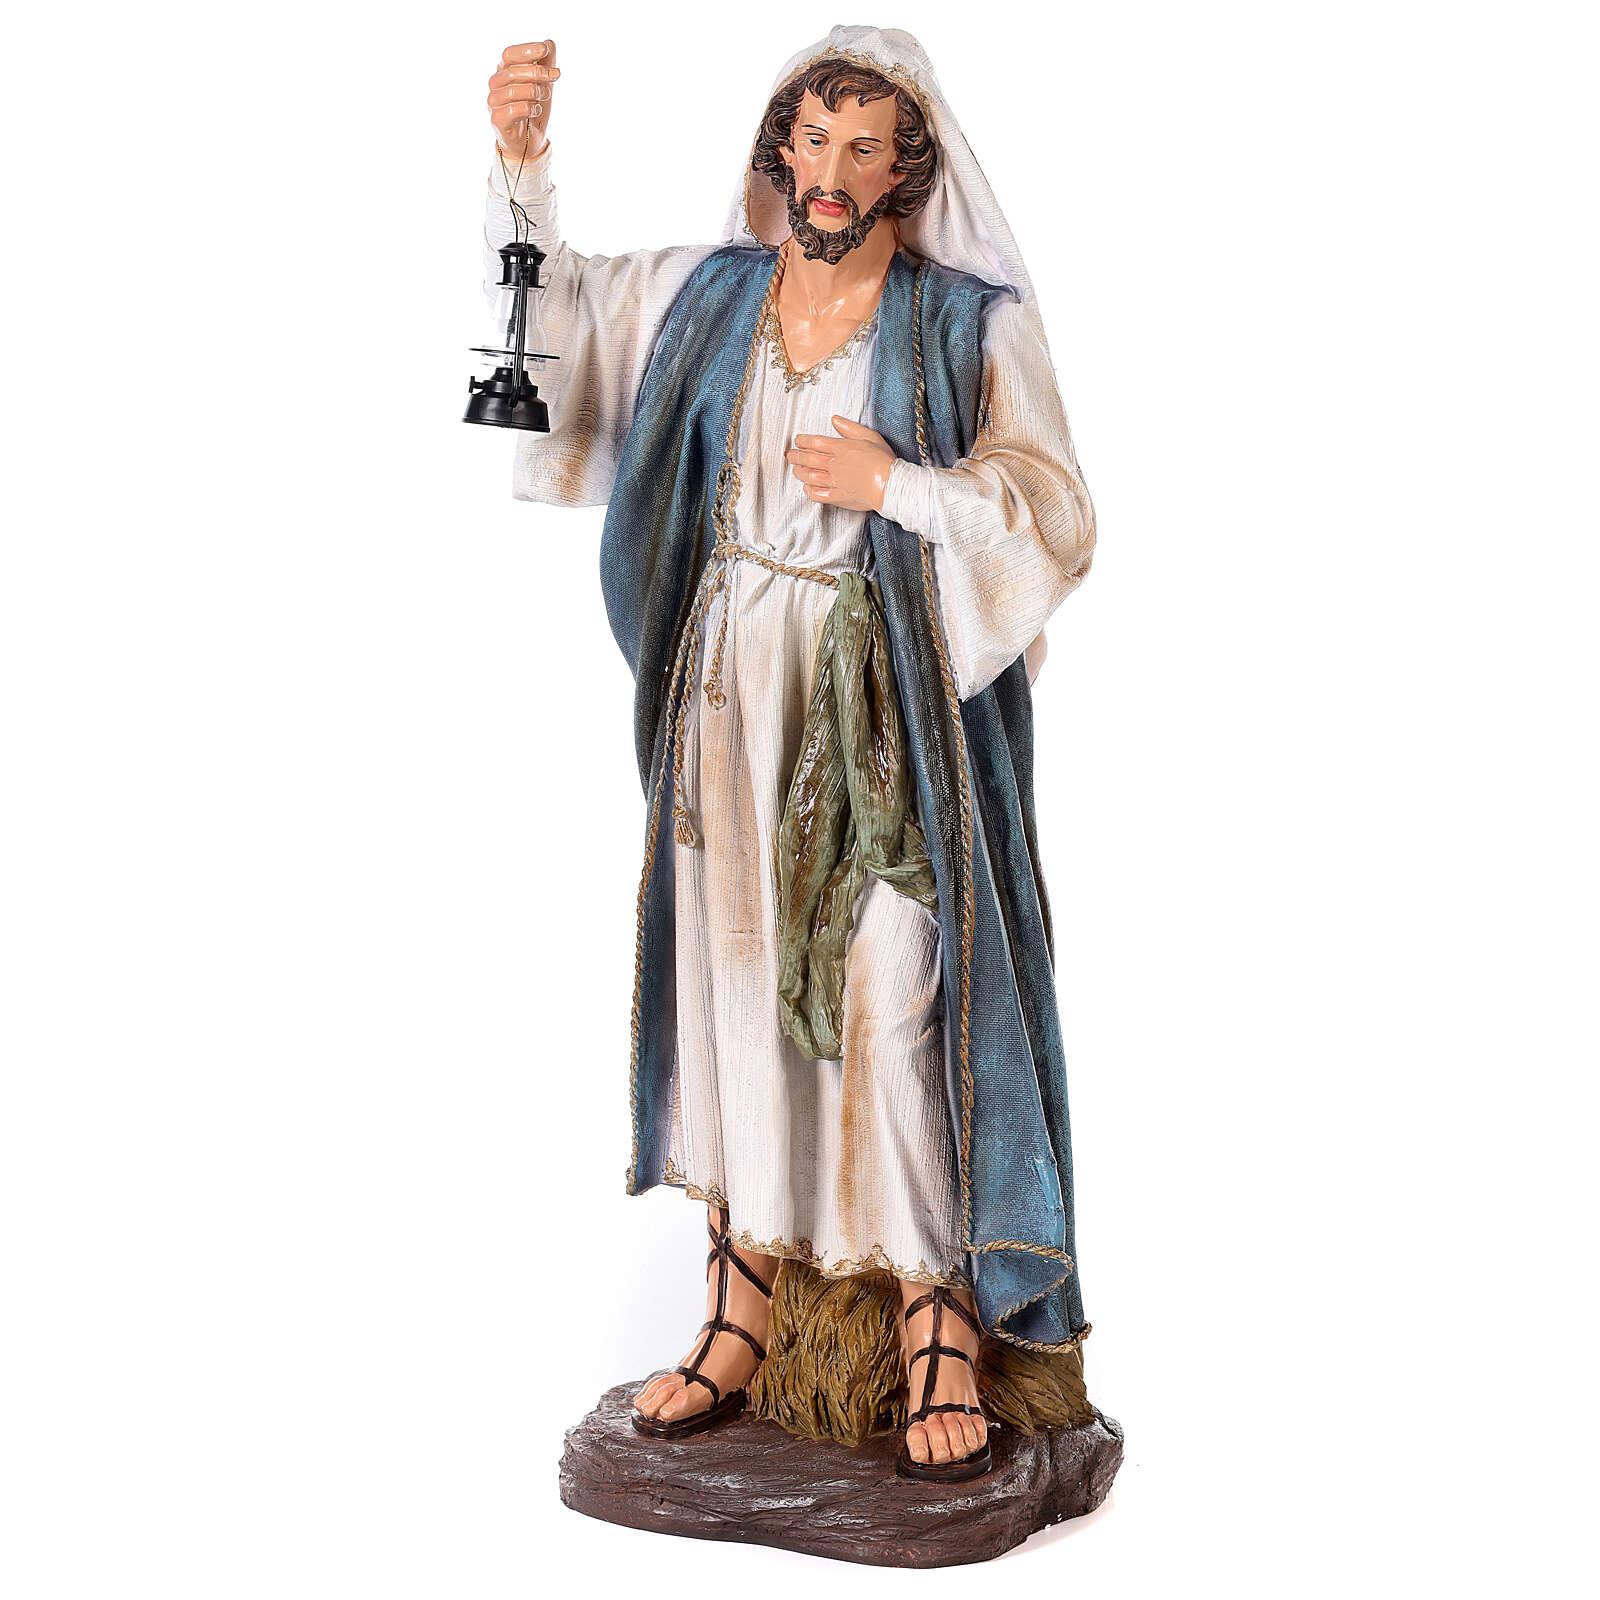 Presepe resina dipinta 90 cm set 11 statue 4